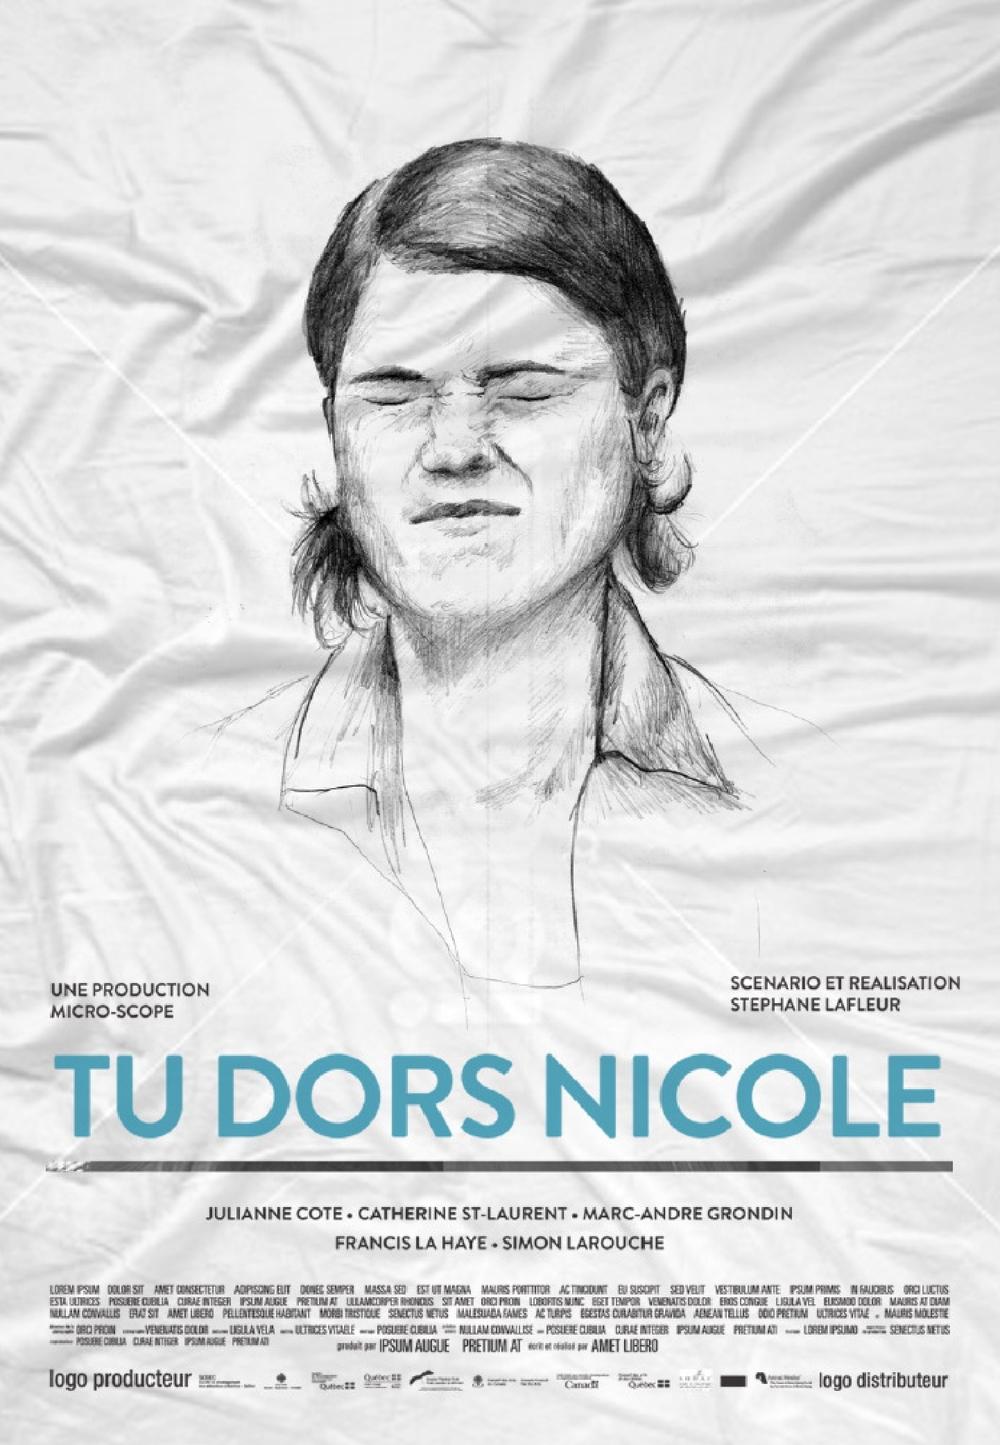 RENZO-TuDorsNicole-Poster-7fev_00013.jpg